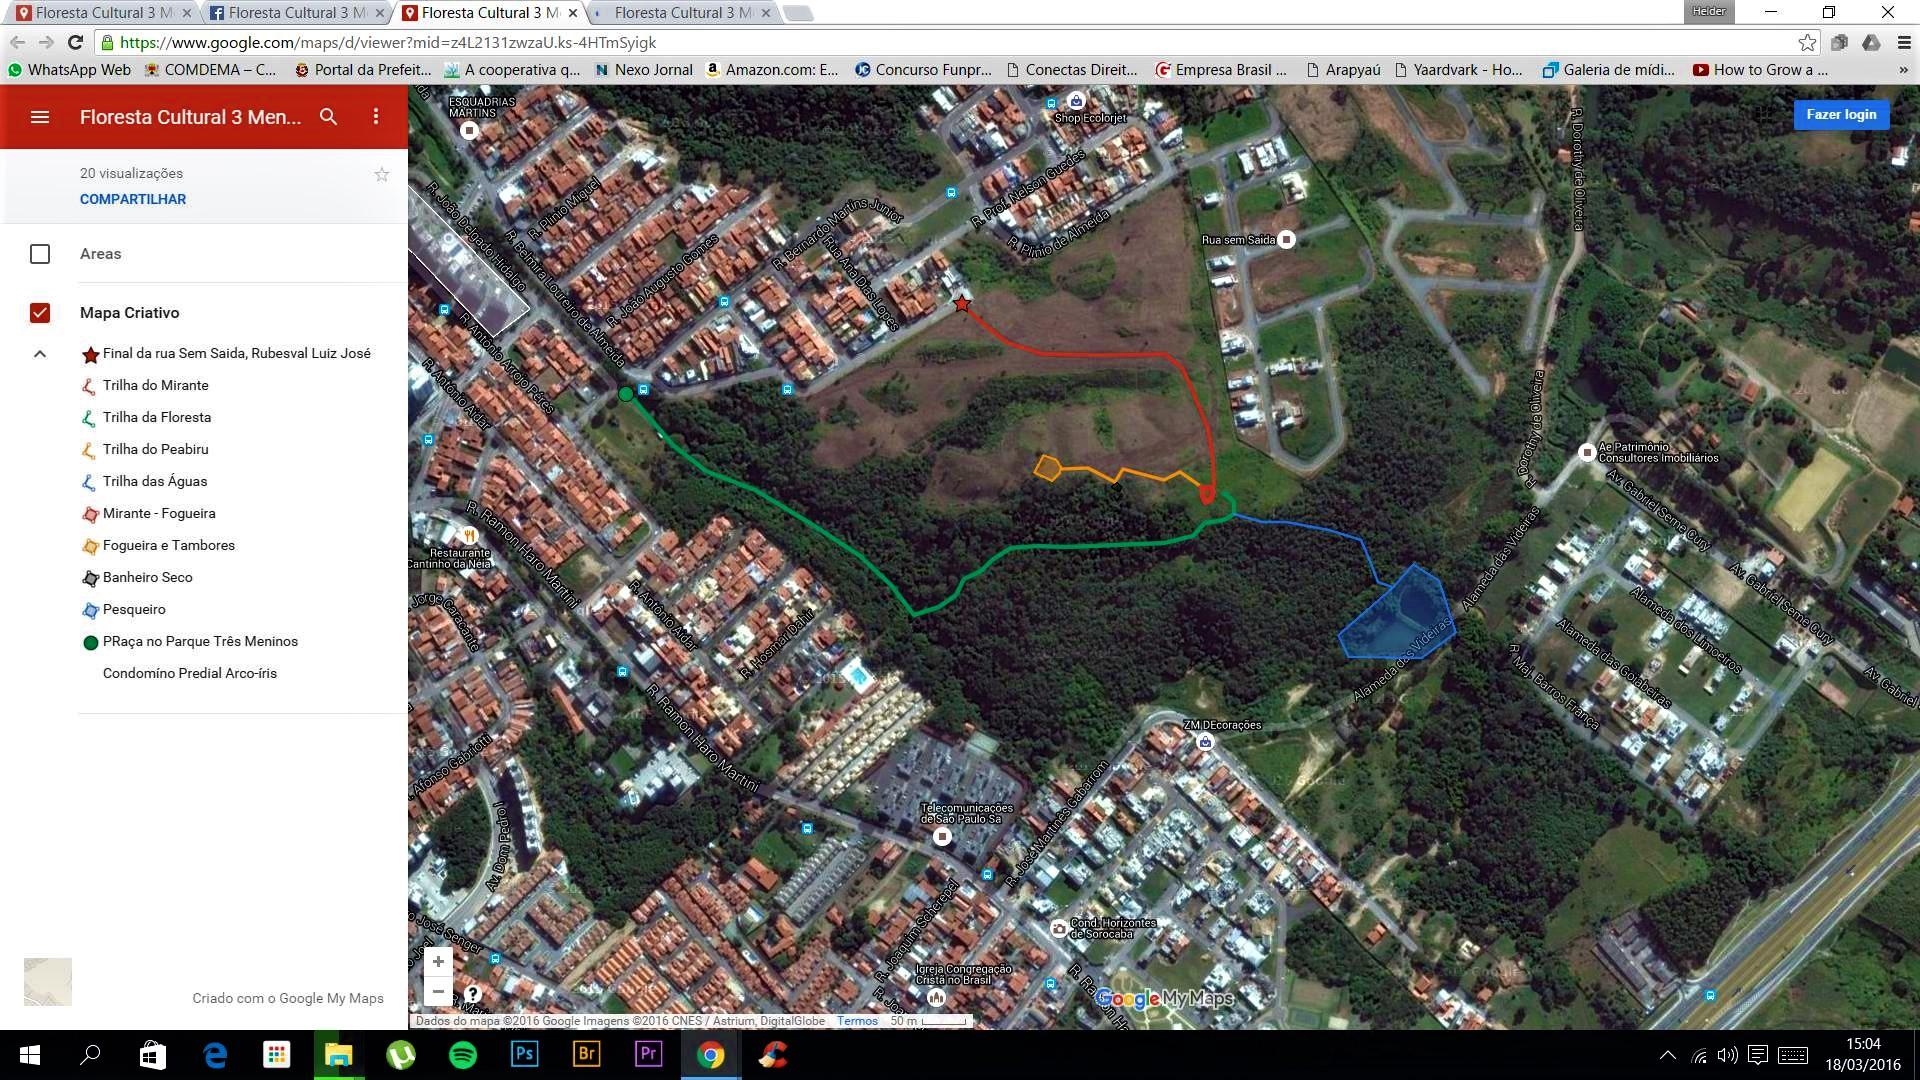 vista aérea da floresta urbana...trilhas abertas dentro da área verde